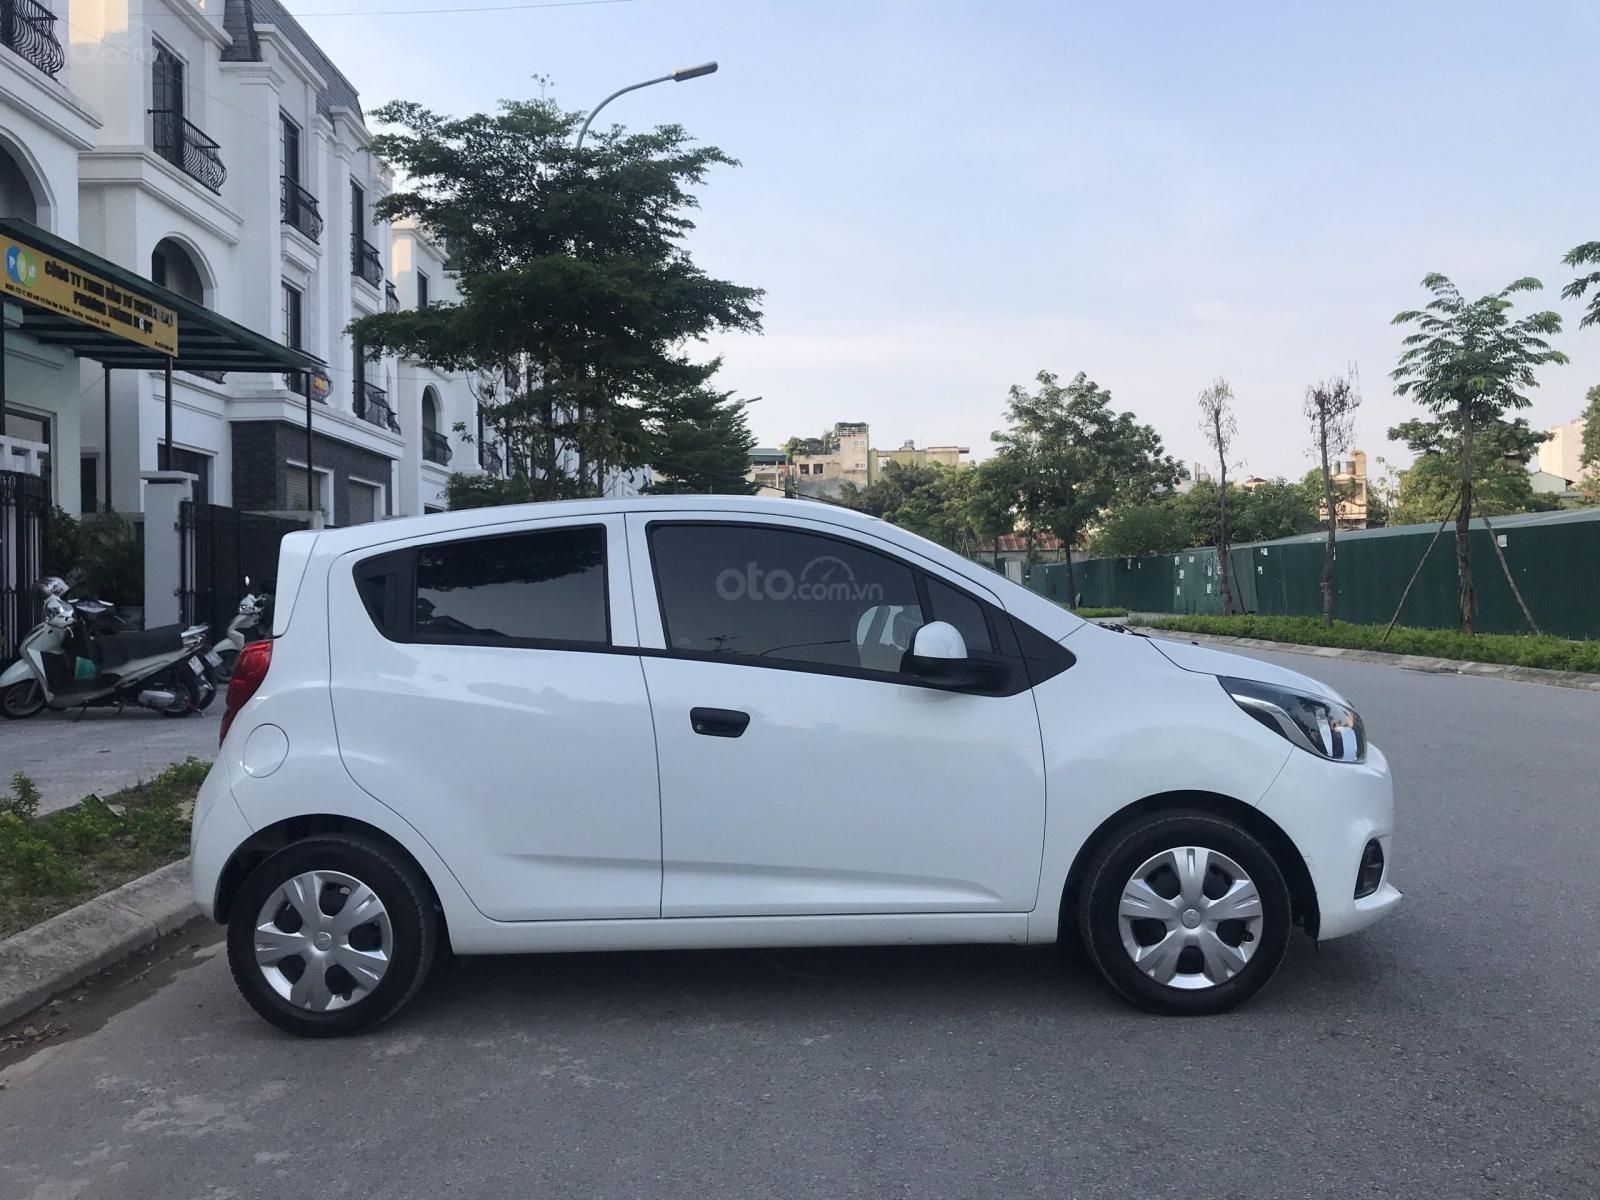 Cần bán gấp Chevrolet Spark đời 2018, màu trắng, rất mới, đi chuẩn 26.000 km (5)